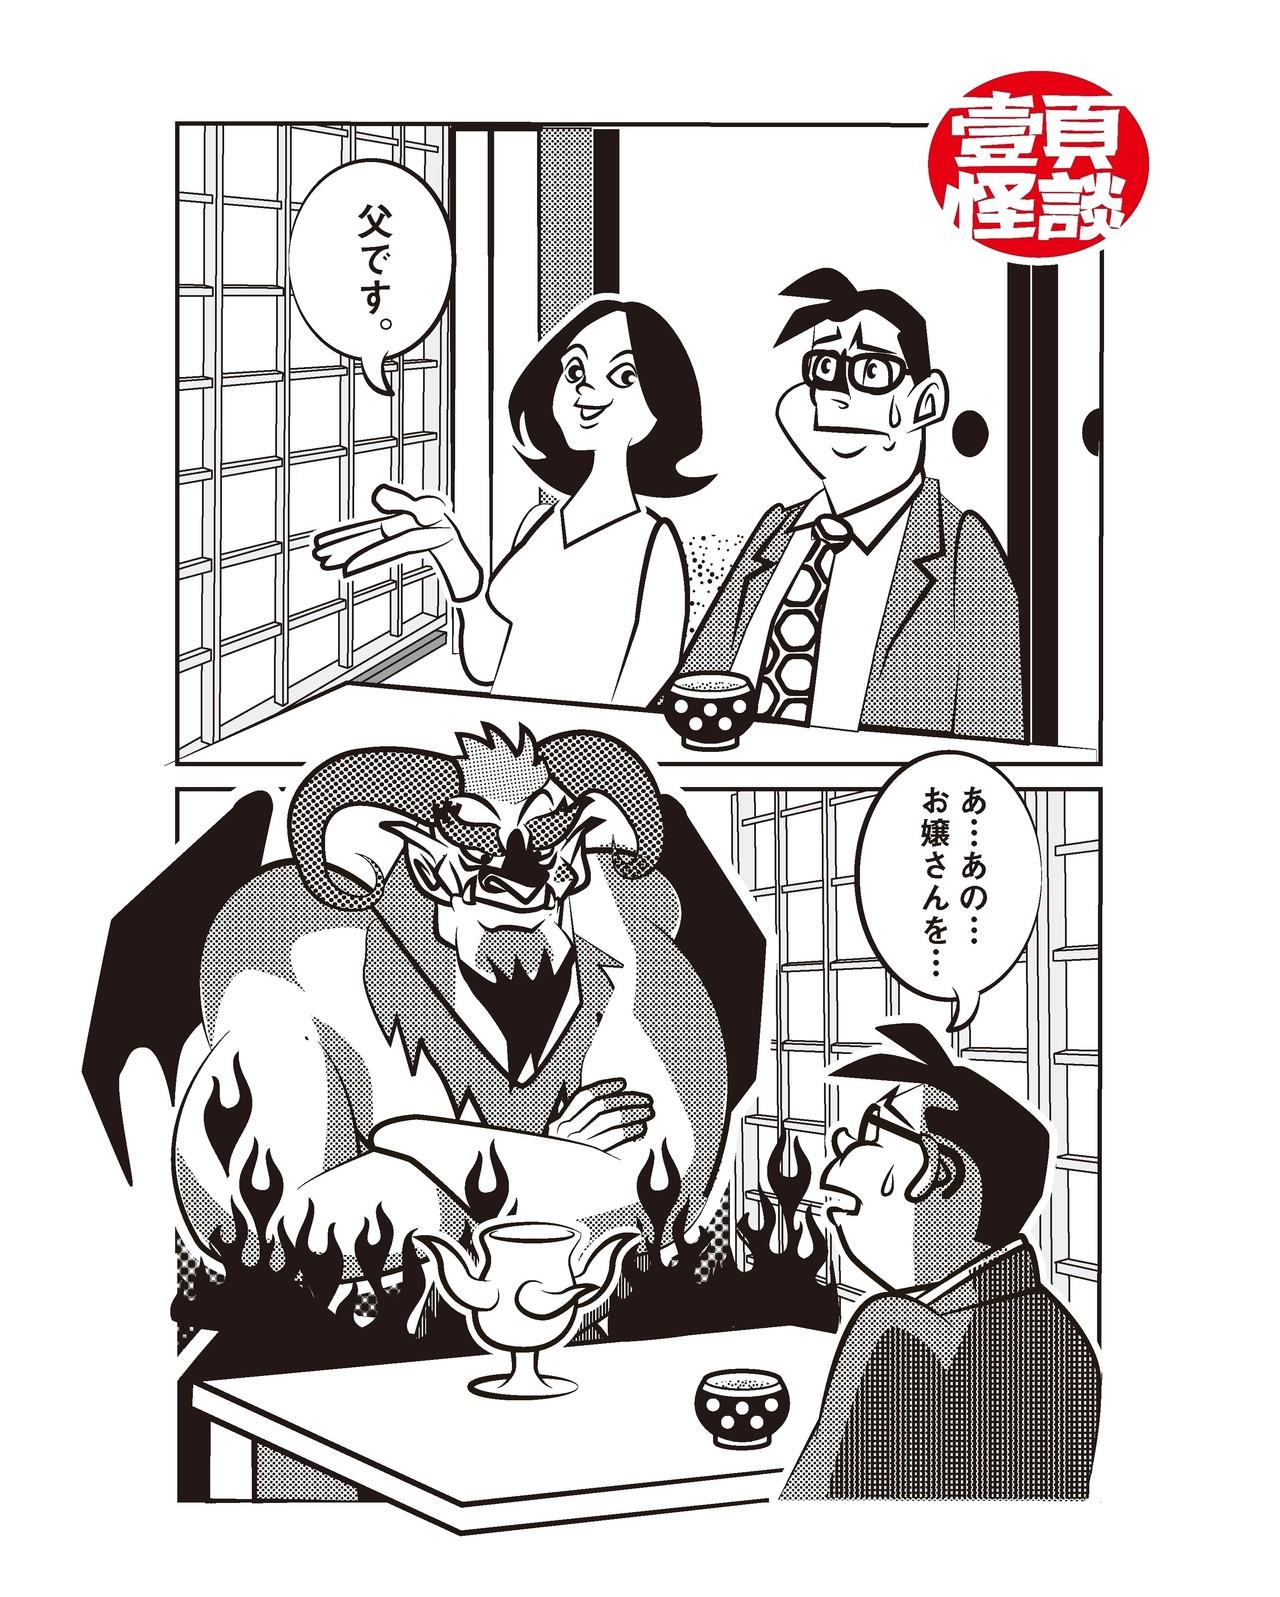 壹頁怪談_あいさつ